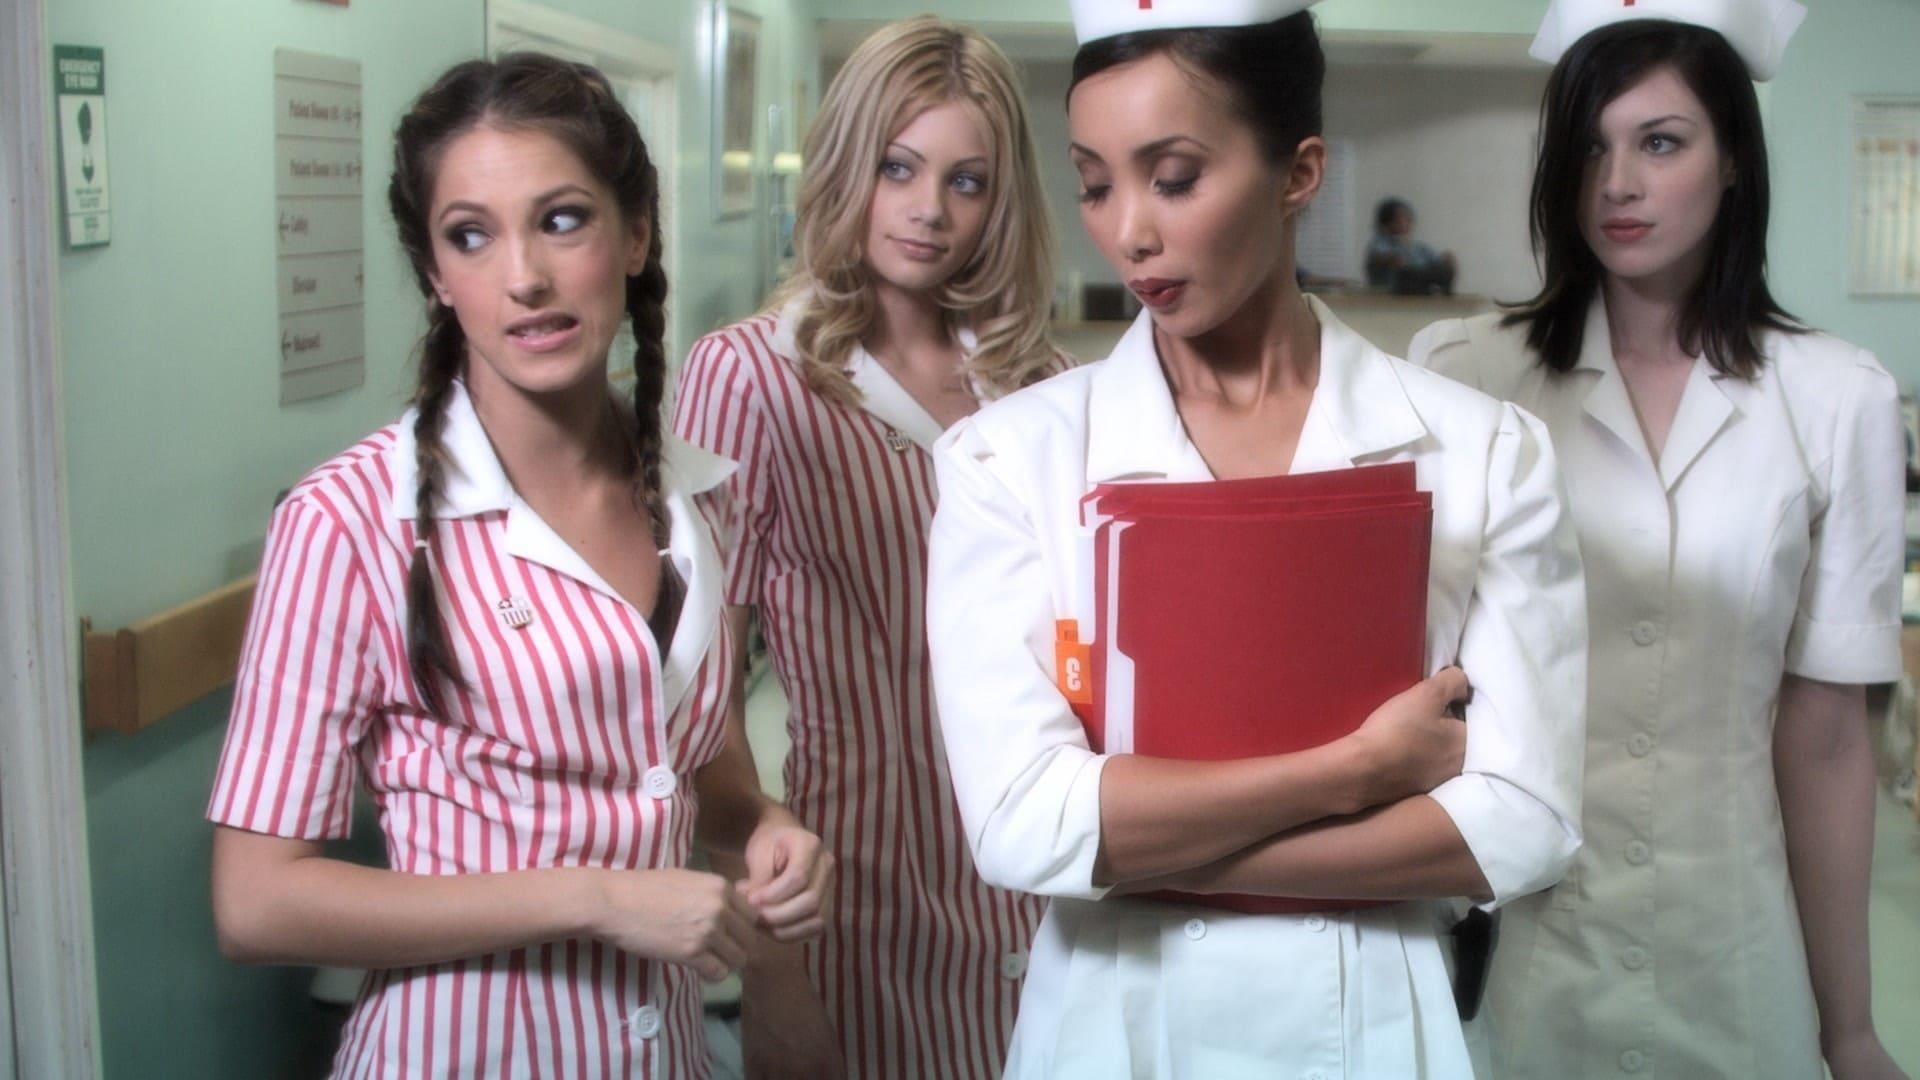 Злоупотребление медсестер смотреть онлайн